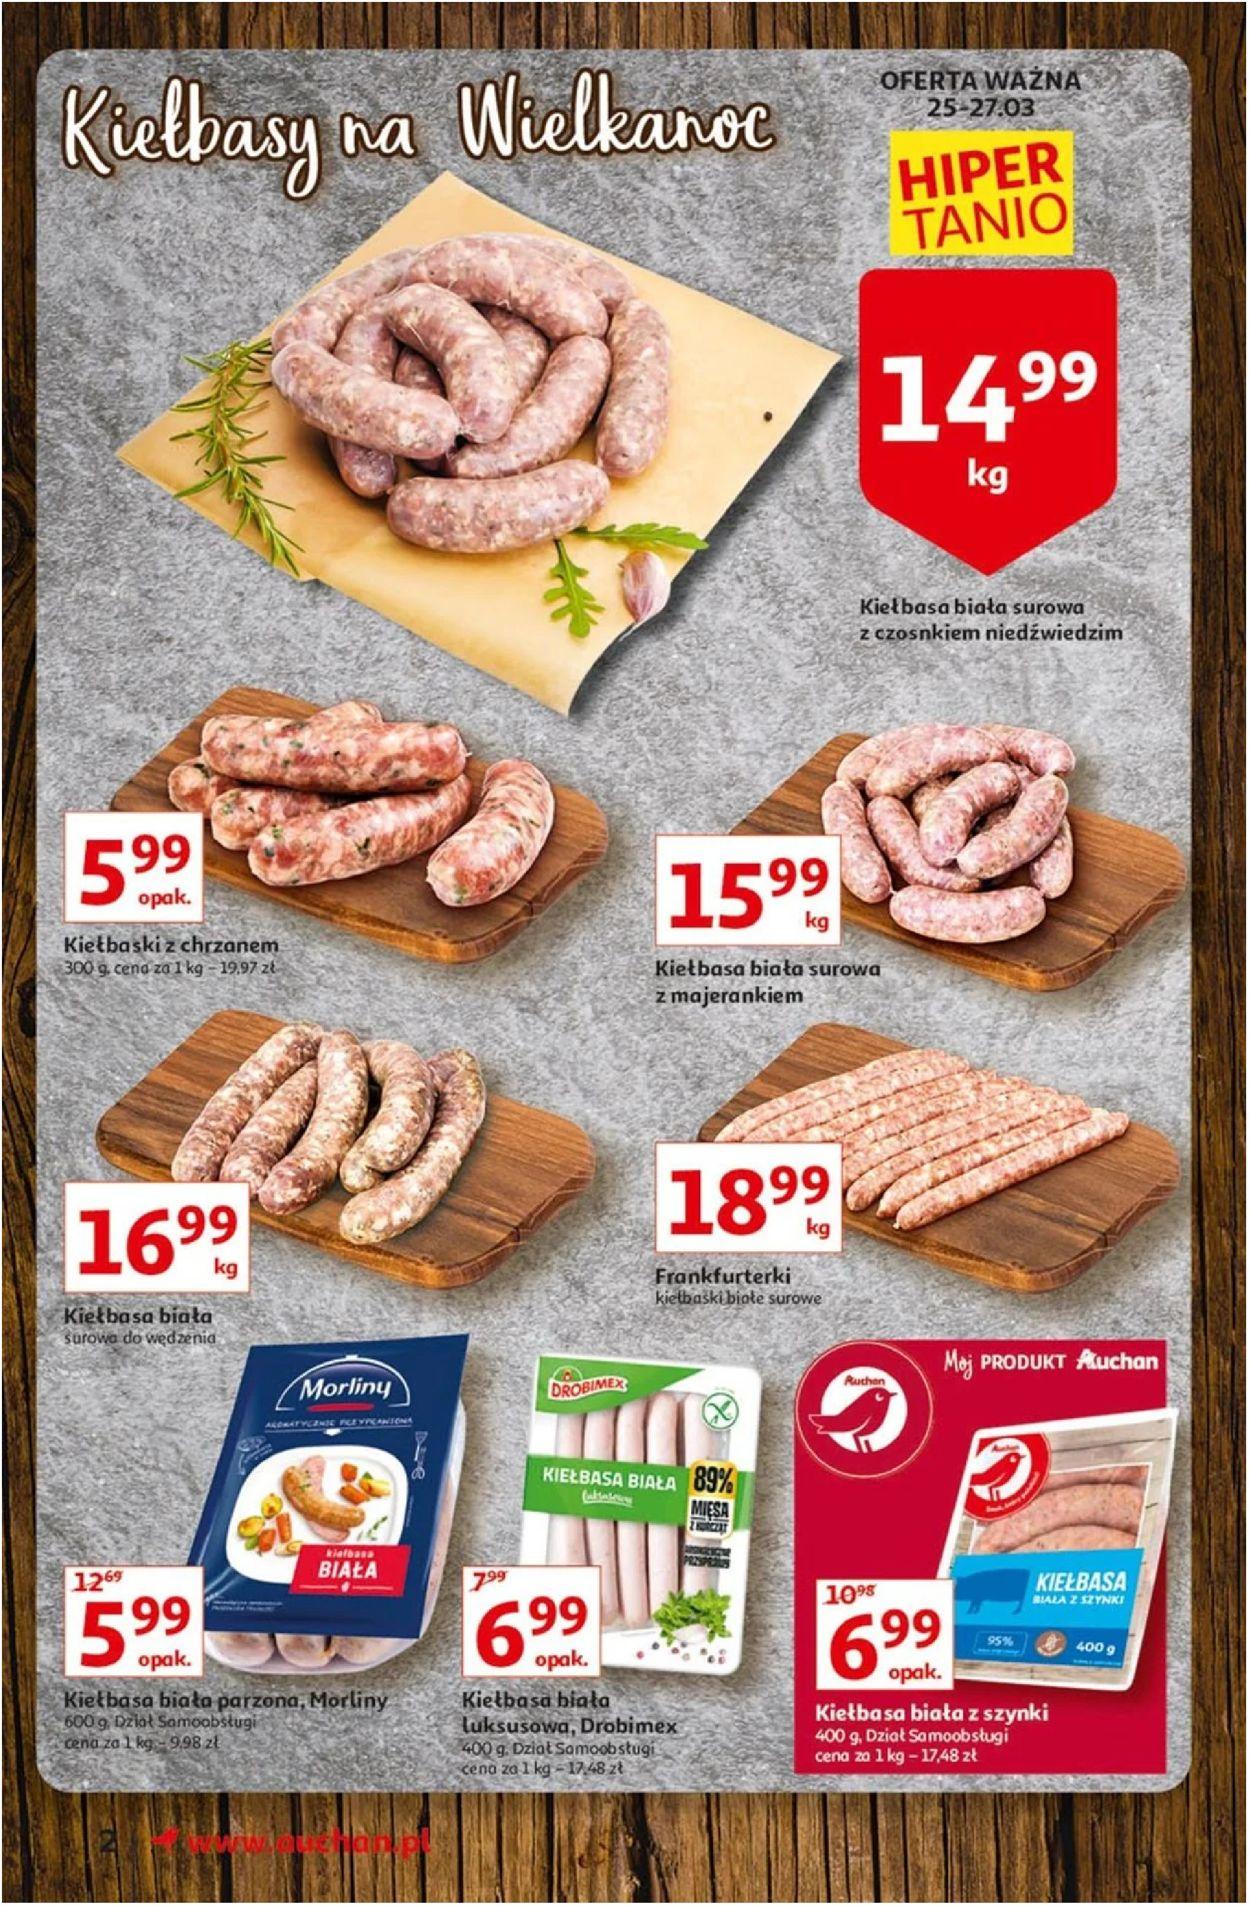 Gazetka promocyjna Auchan Wielkanoc 2021! - 25.03-03.04.2021 (Strona 2)